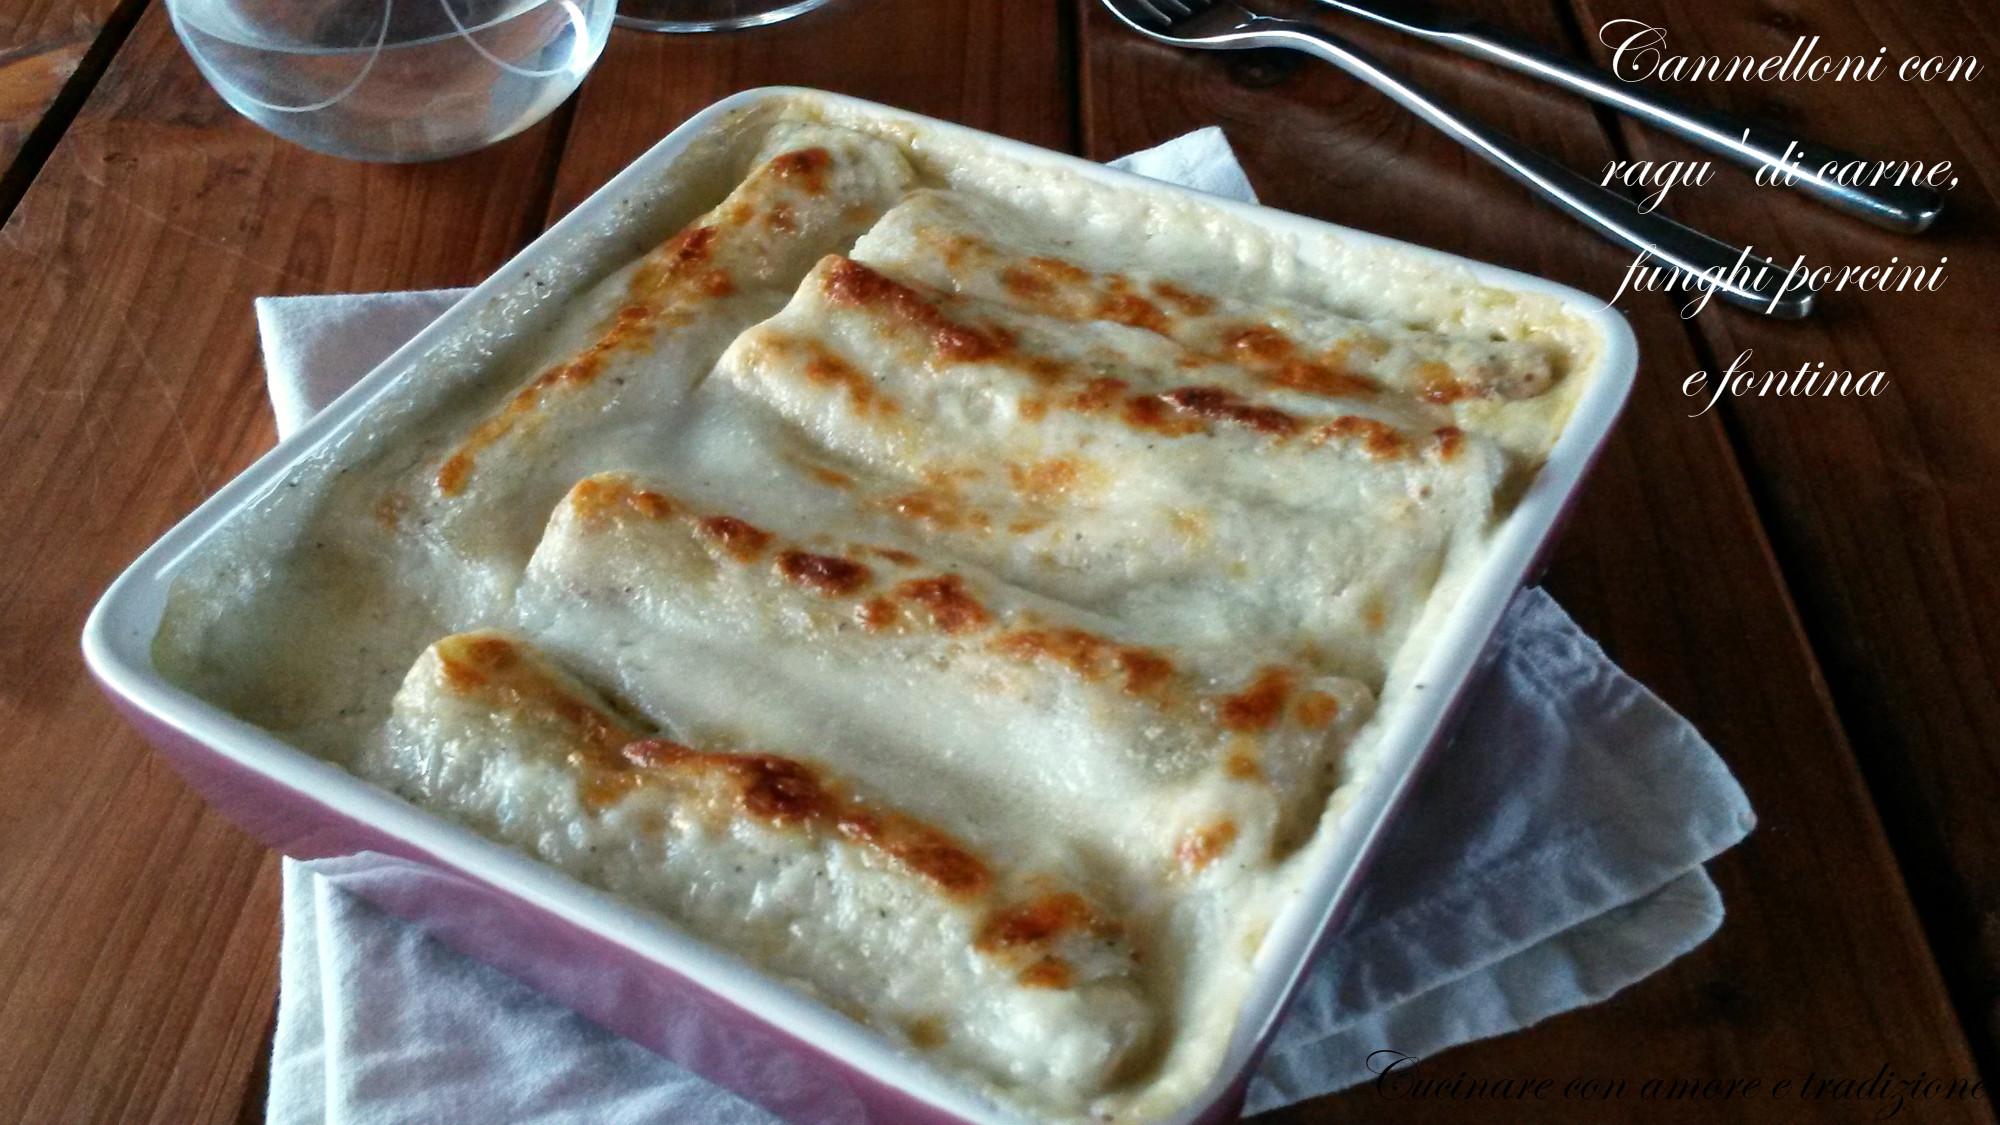 Cannelloni con ragù di carne, funghi porcini e fontina